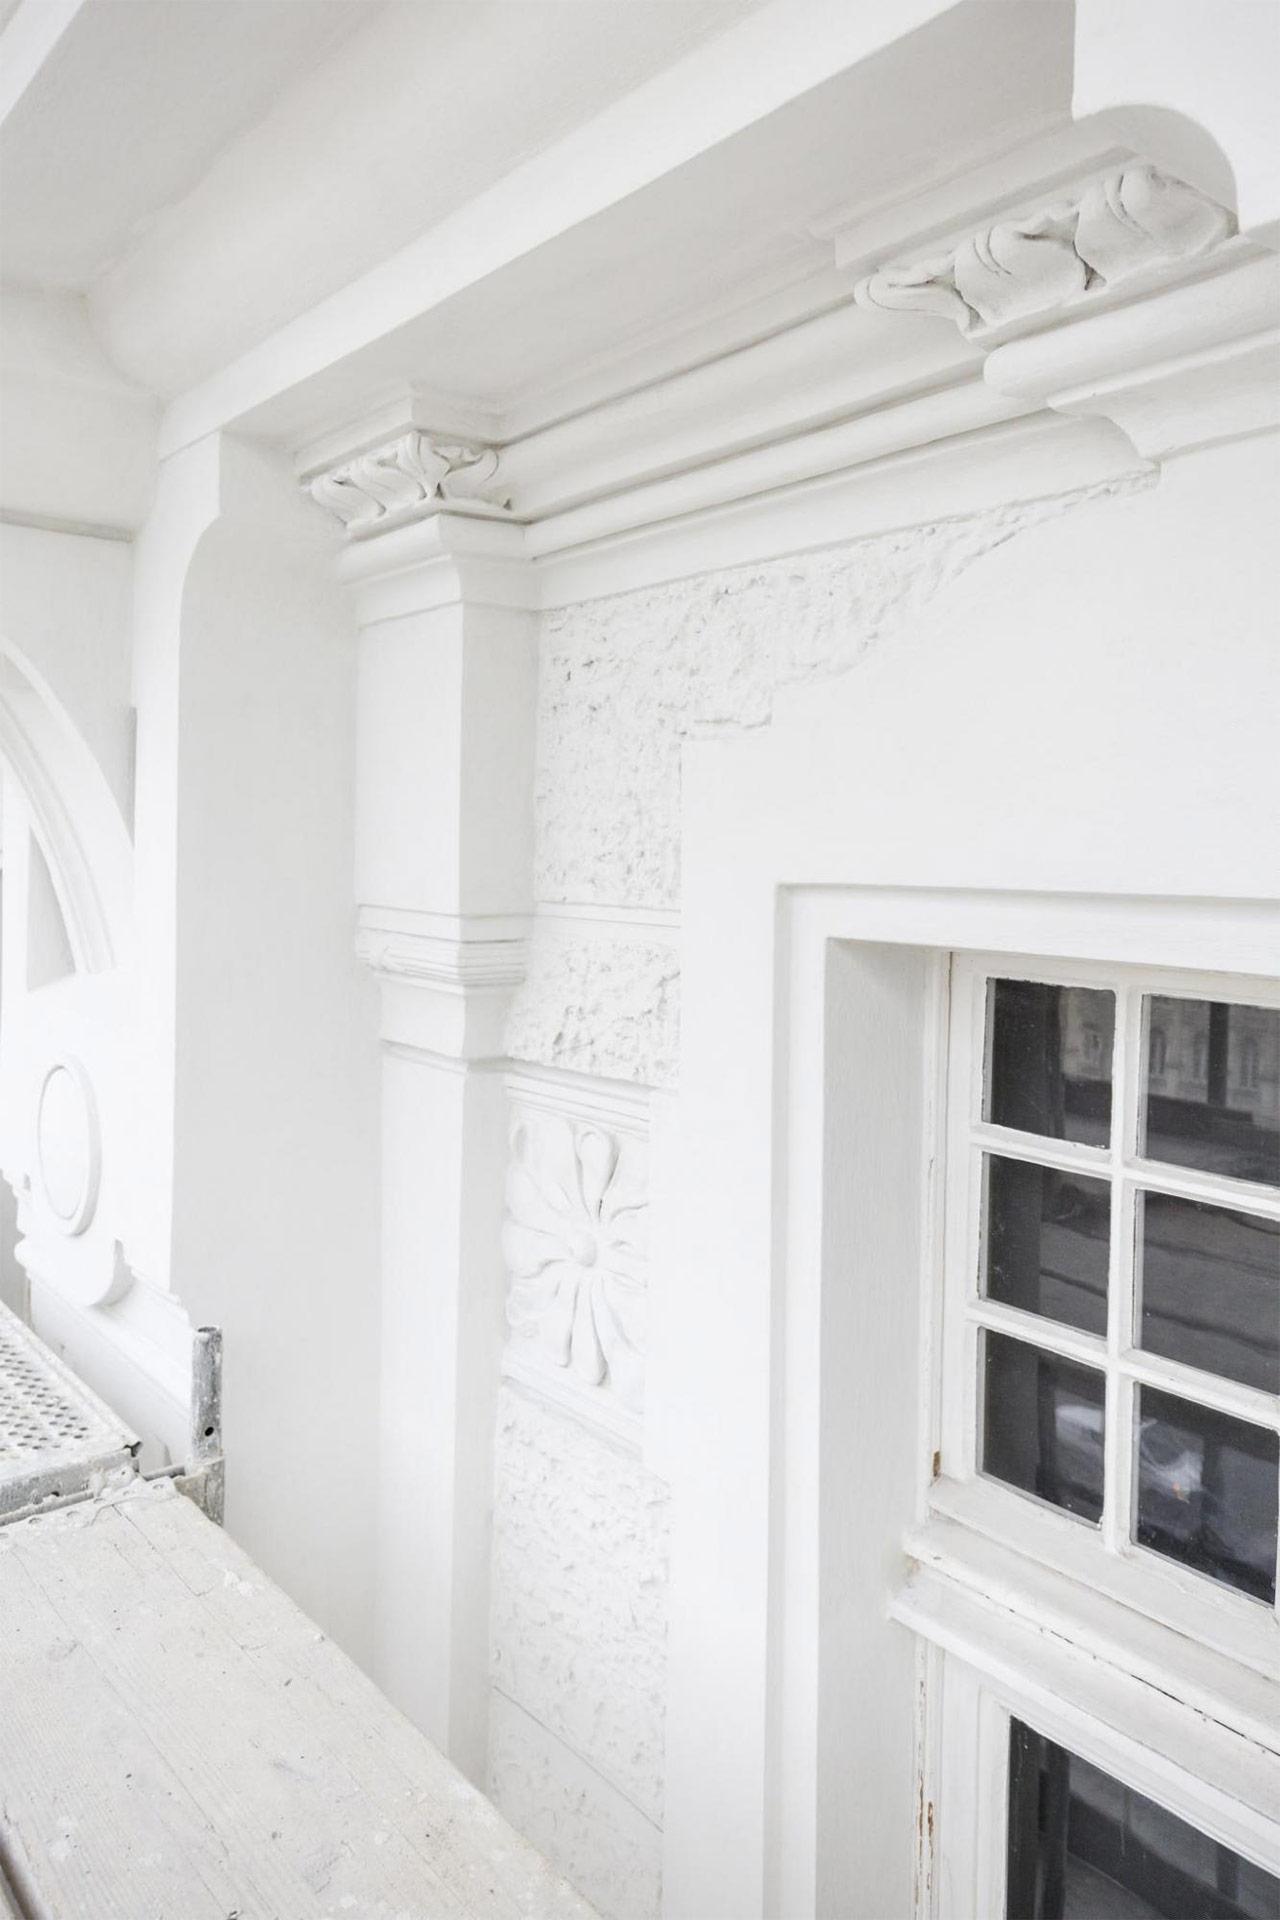 sanierung f r denkmalschutz in wien und umgebung sanibau. Black Bedroom Furniture Sets. Home Design Ideas